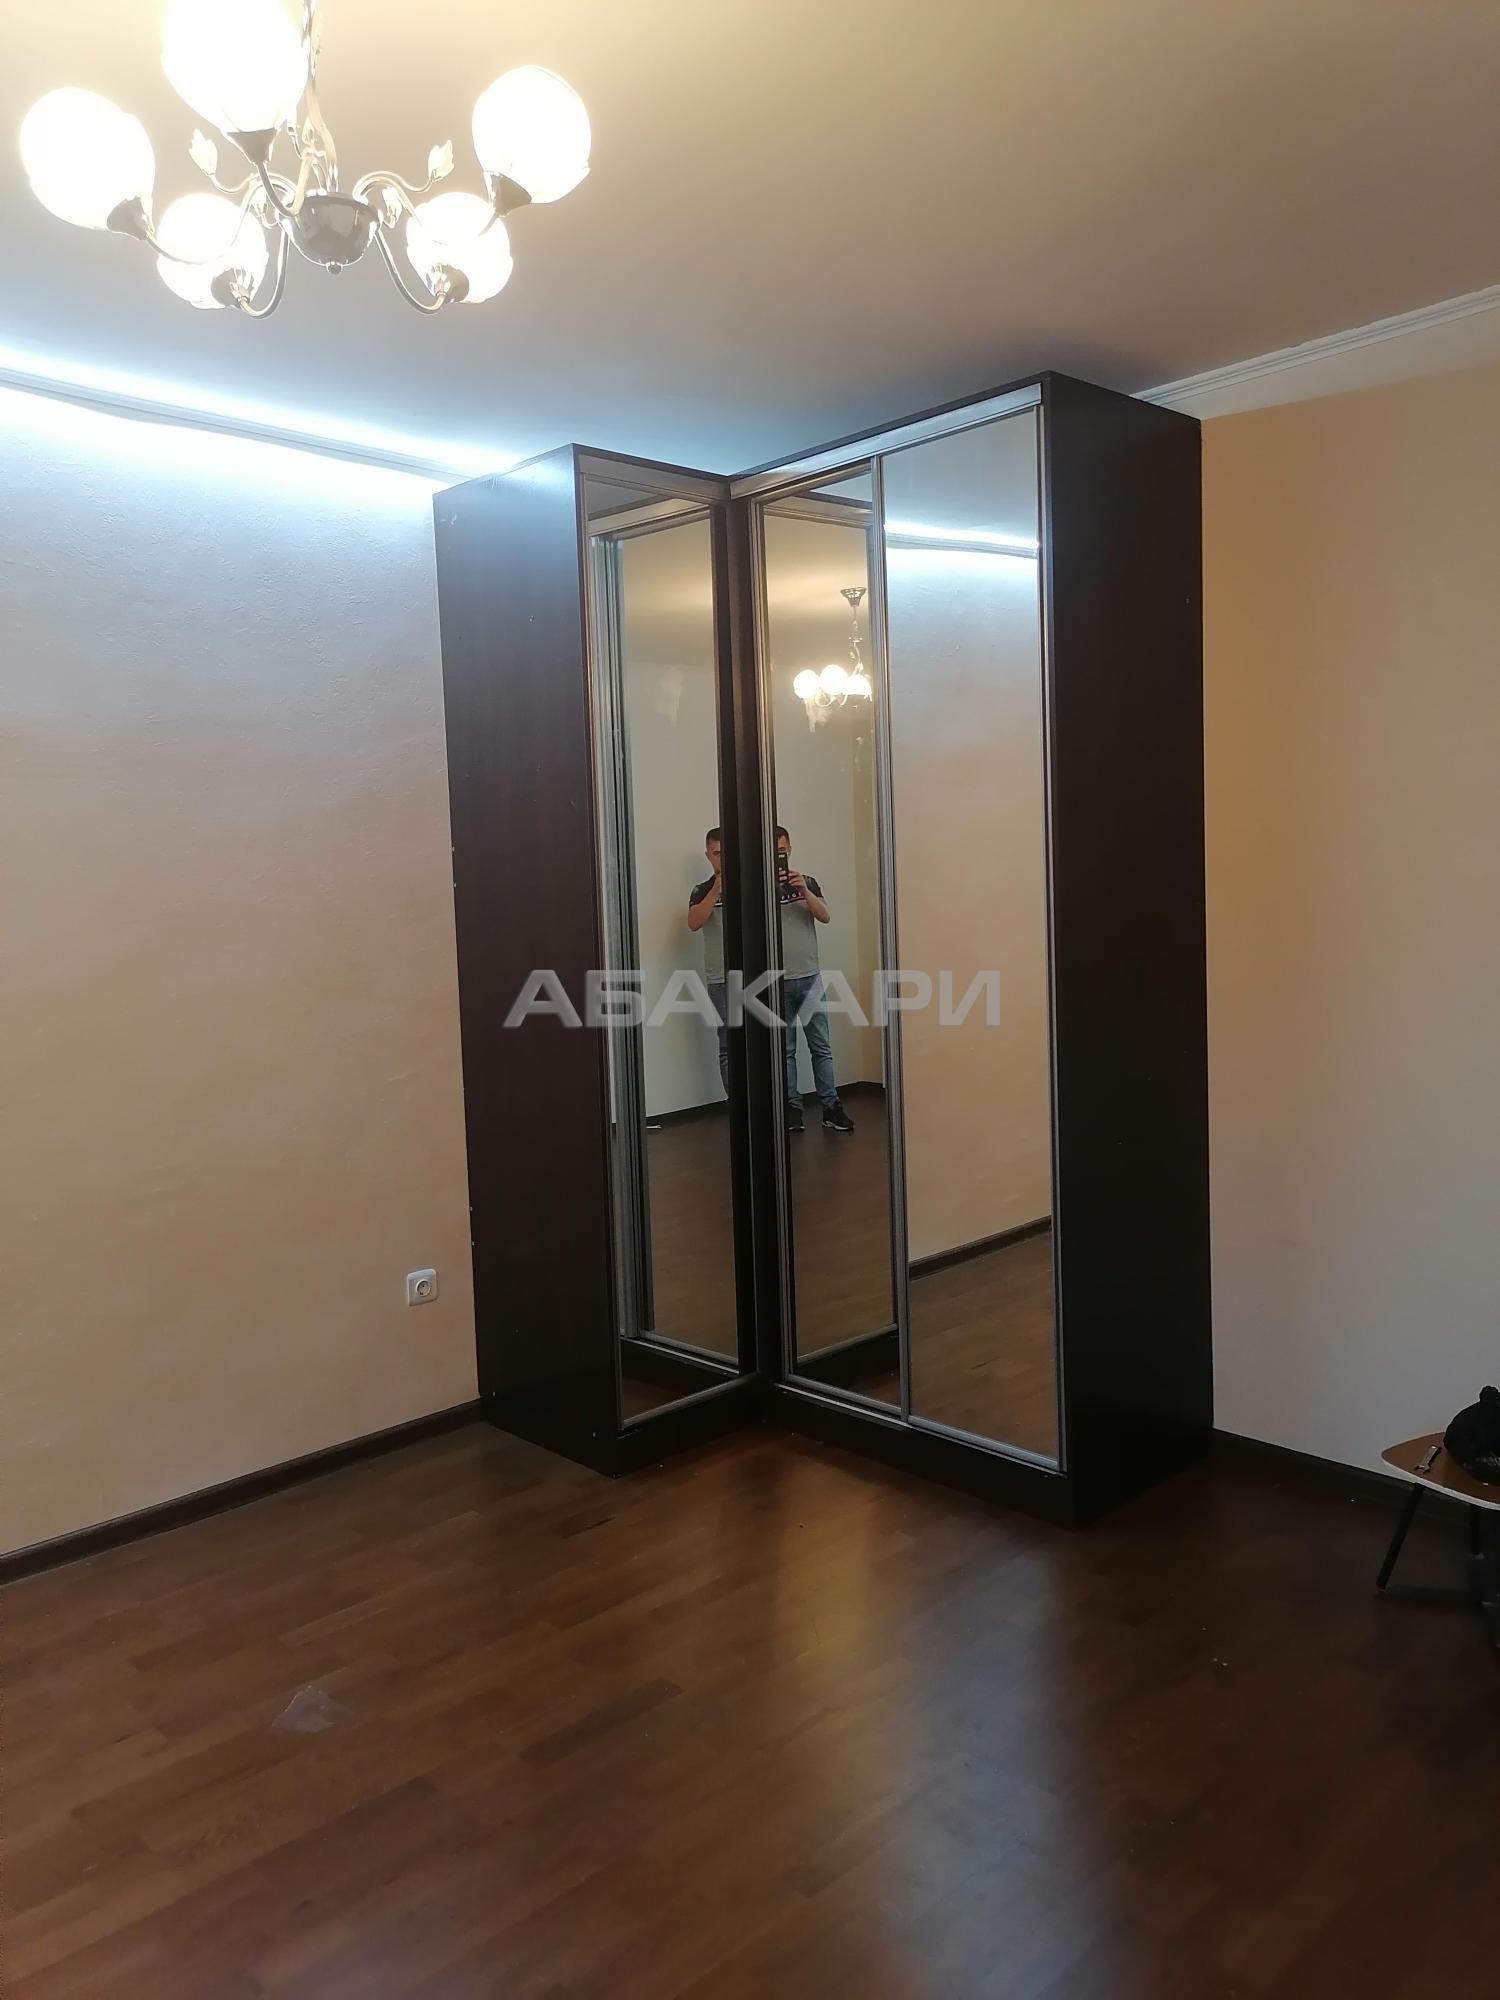 1к квартира Абытаевская улица, 8   17000   аренда в Красноярске фото 1